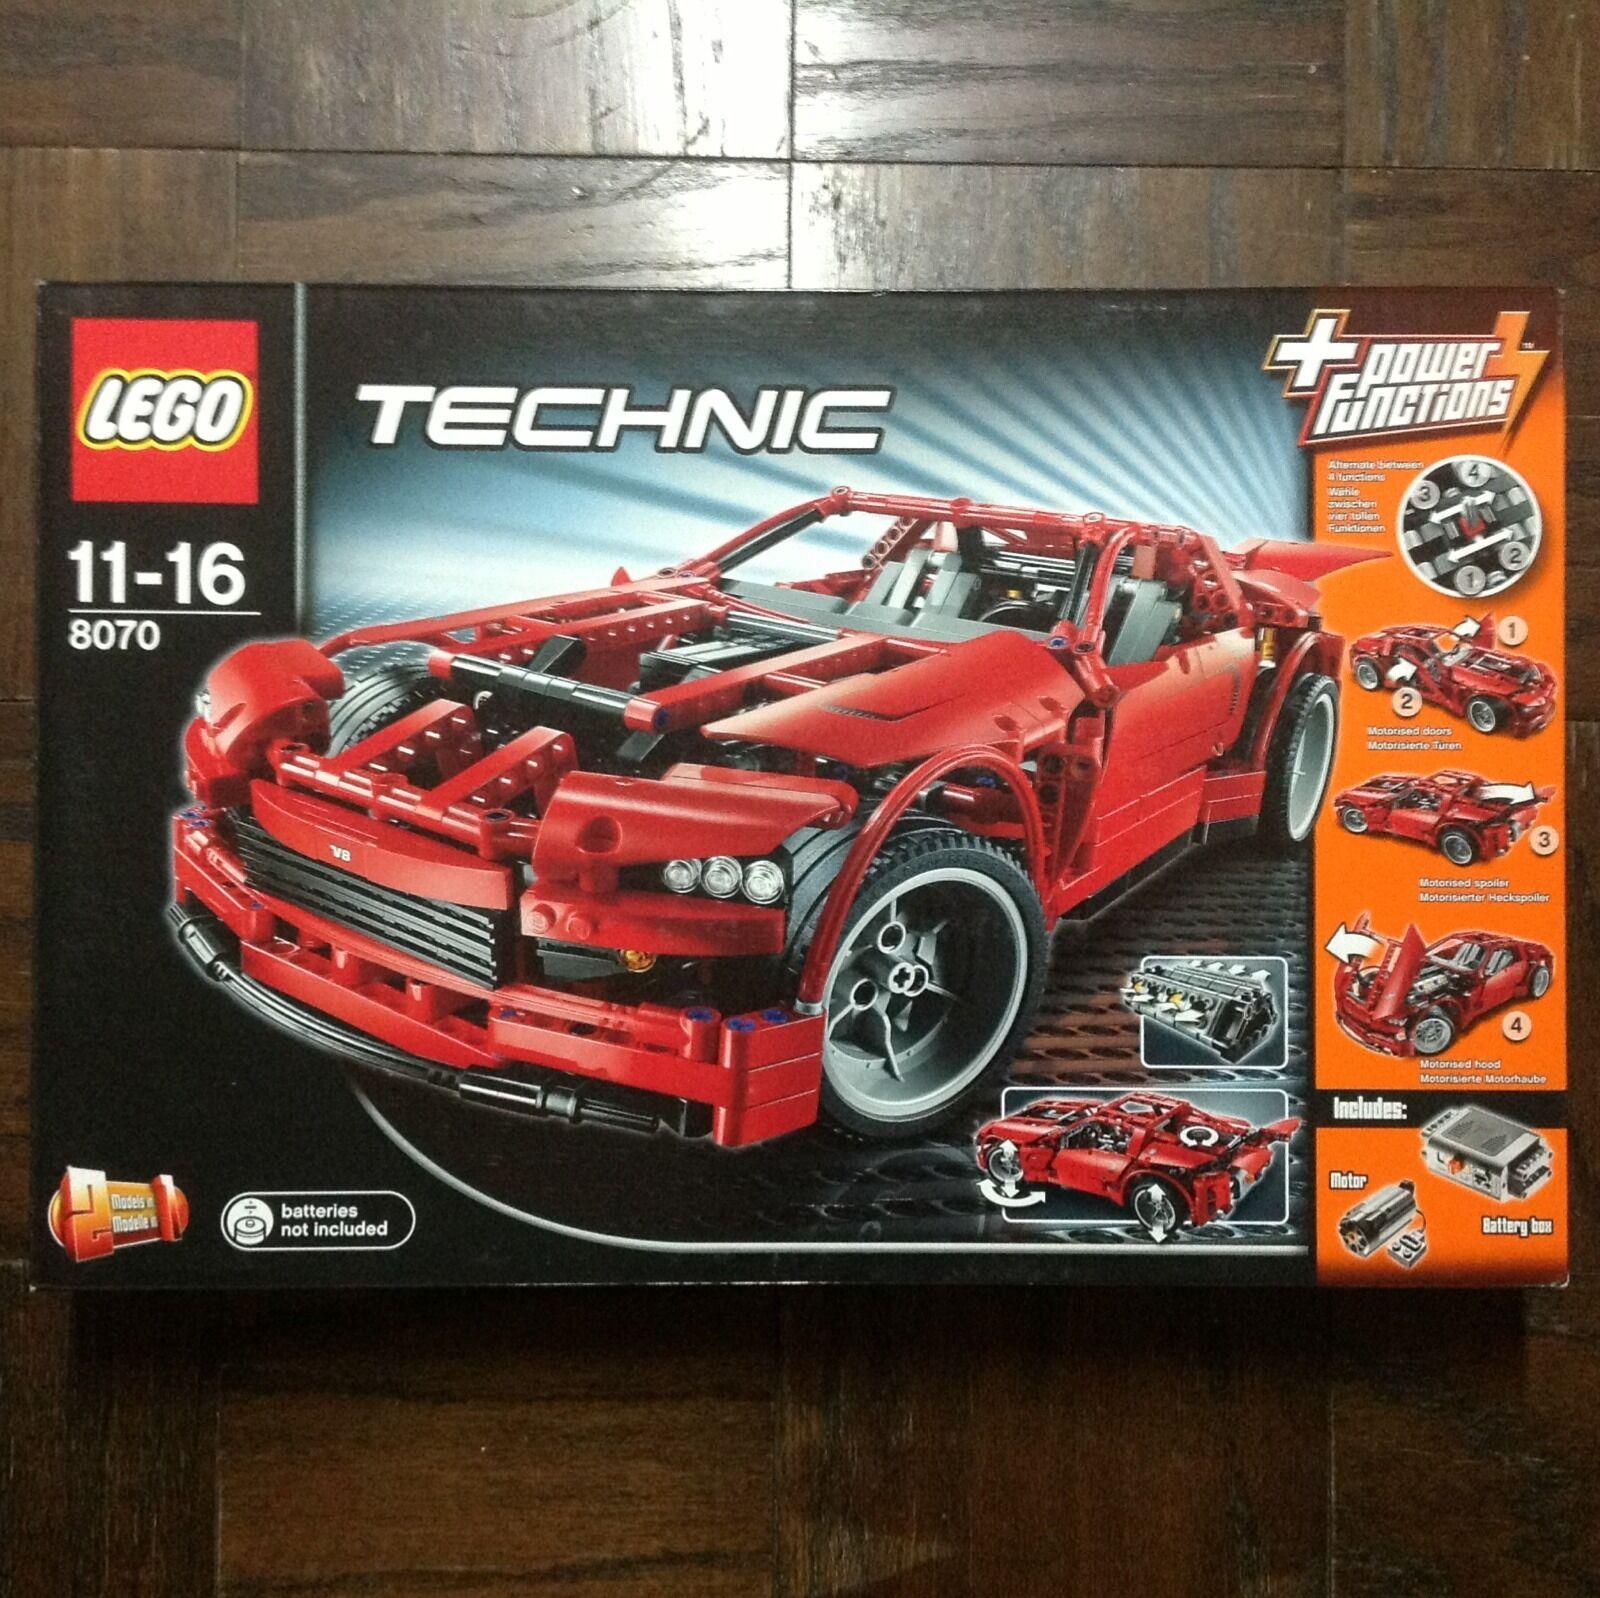 Nuevo Lego Technic supercoche En Caja Sellada Descatalogado